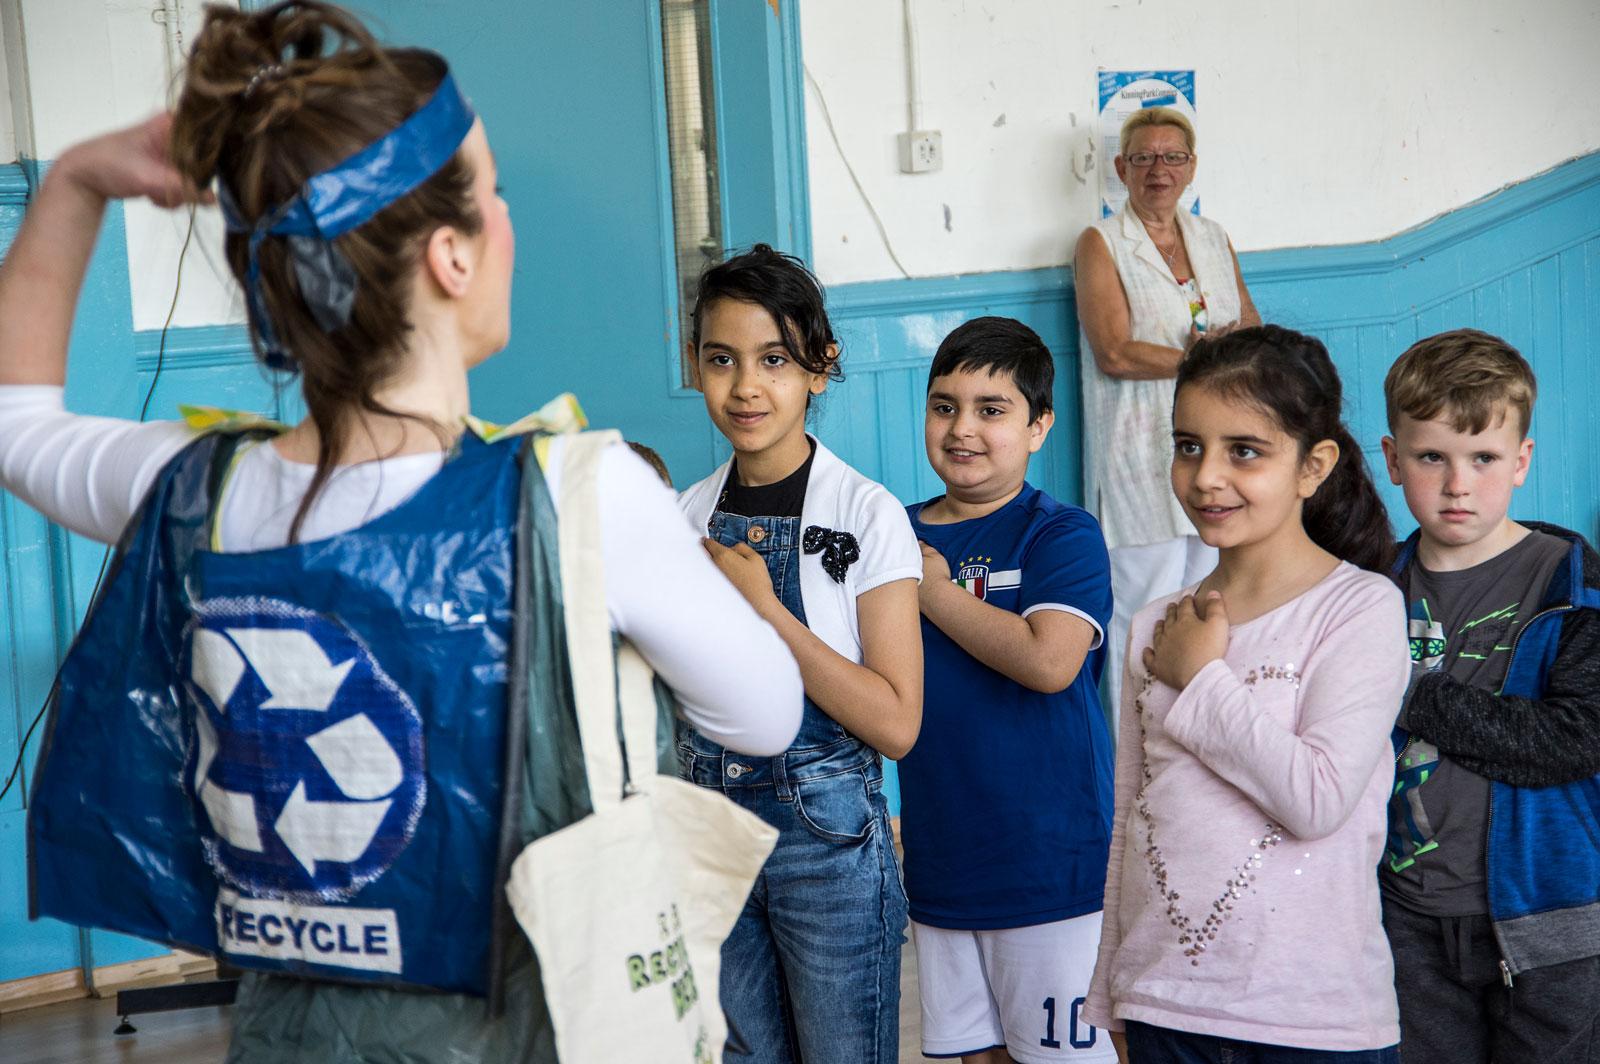 recycling-heroes1.jpg